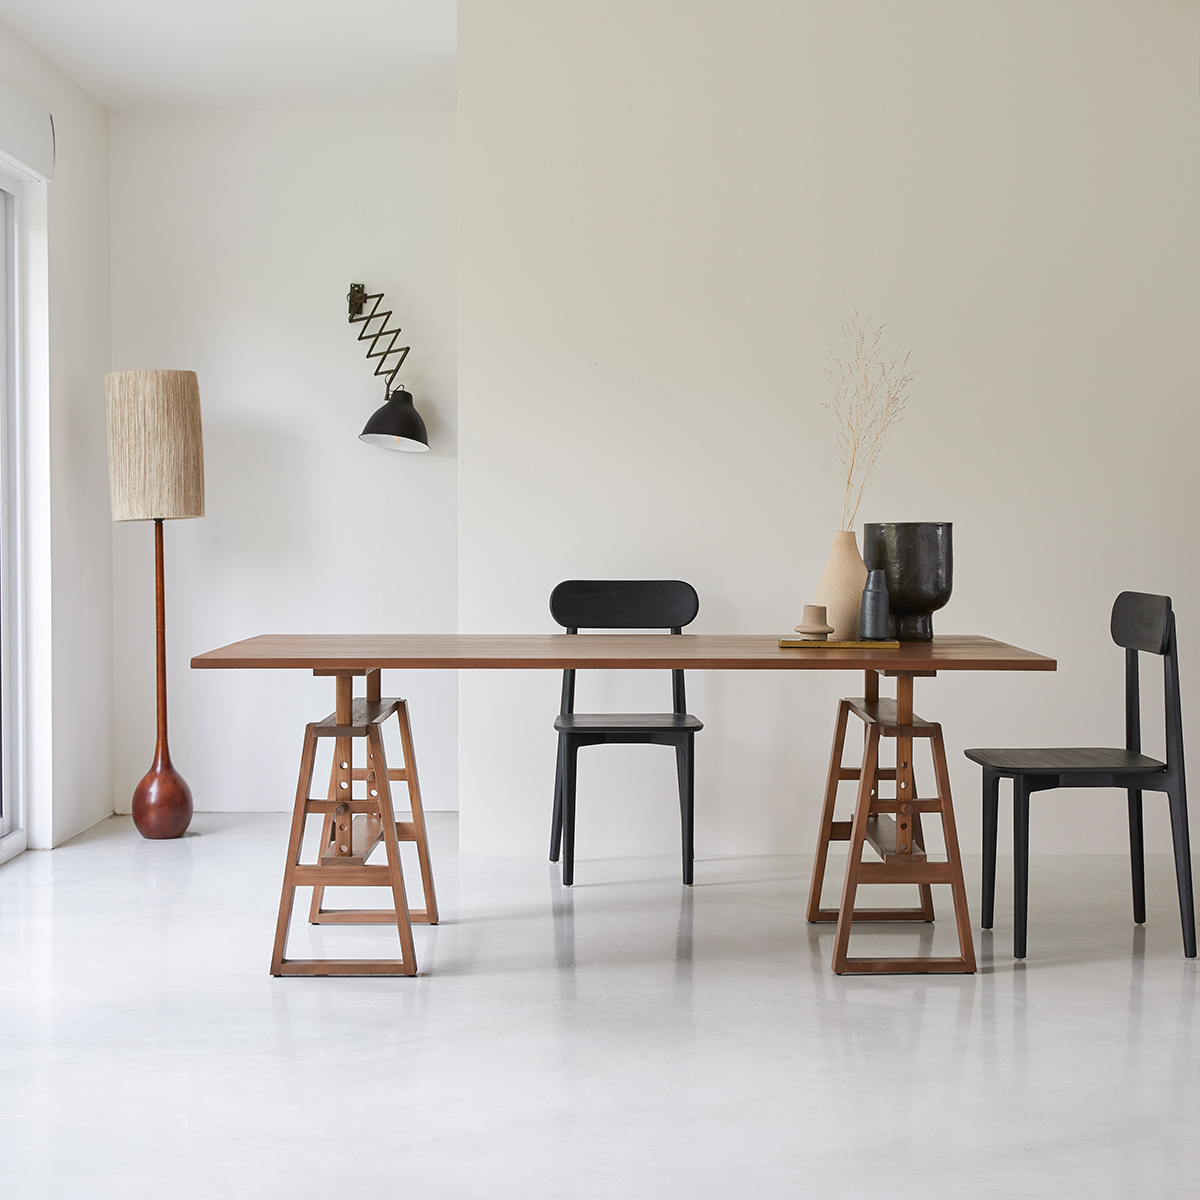 Trestle solid teak Table, seats 6/8